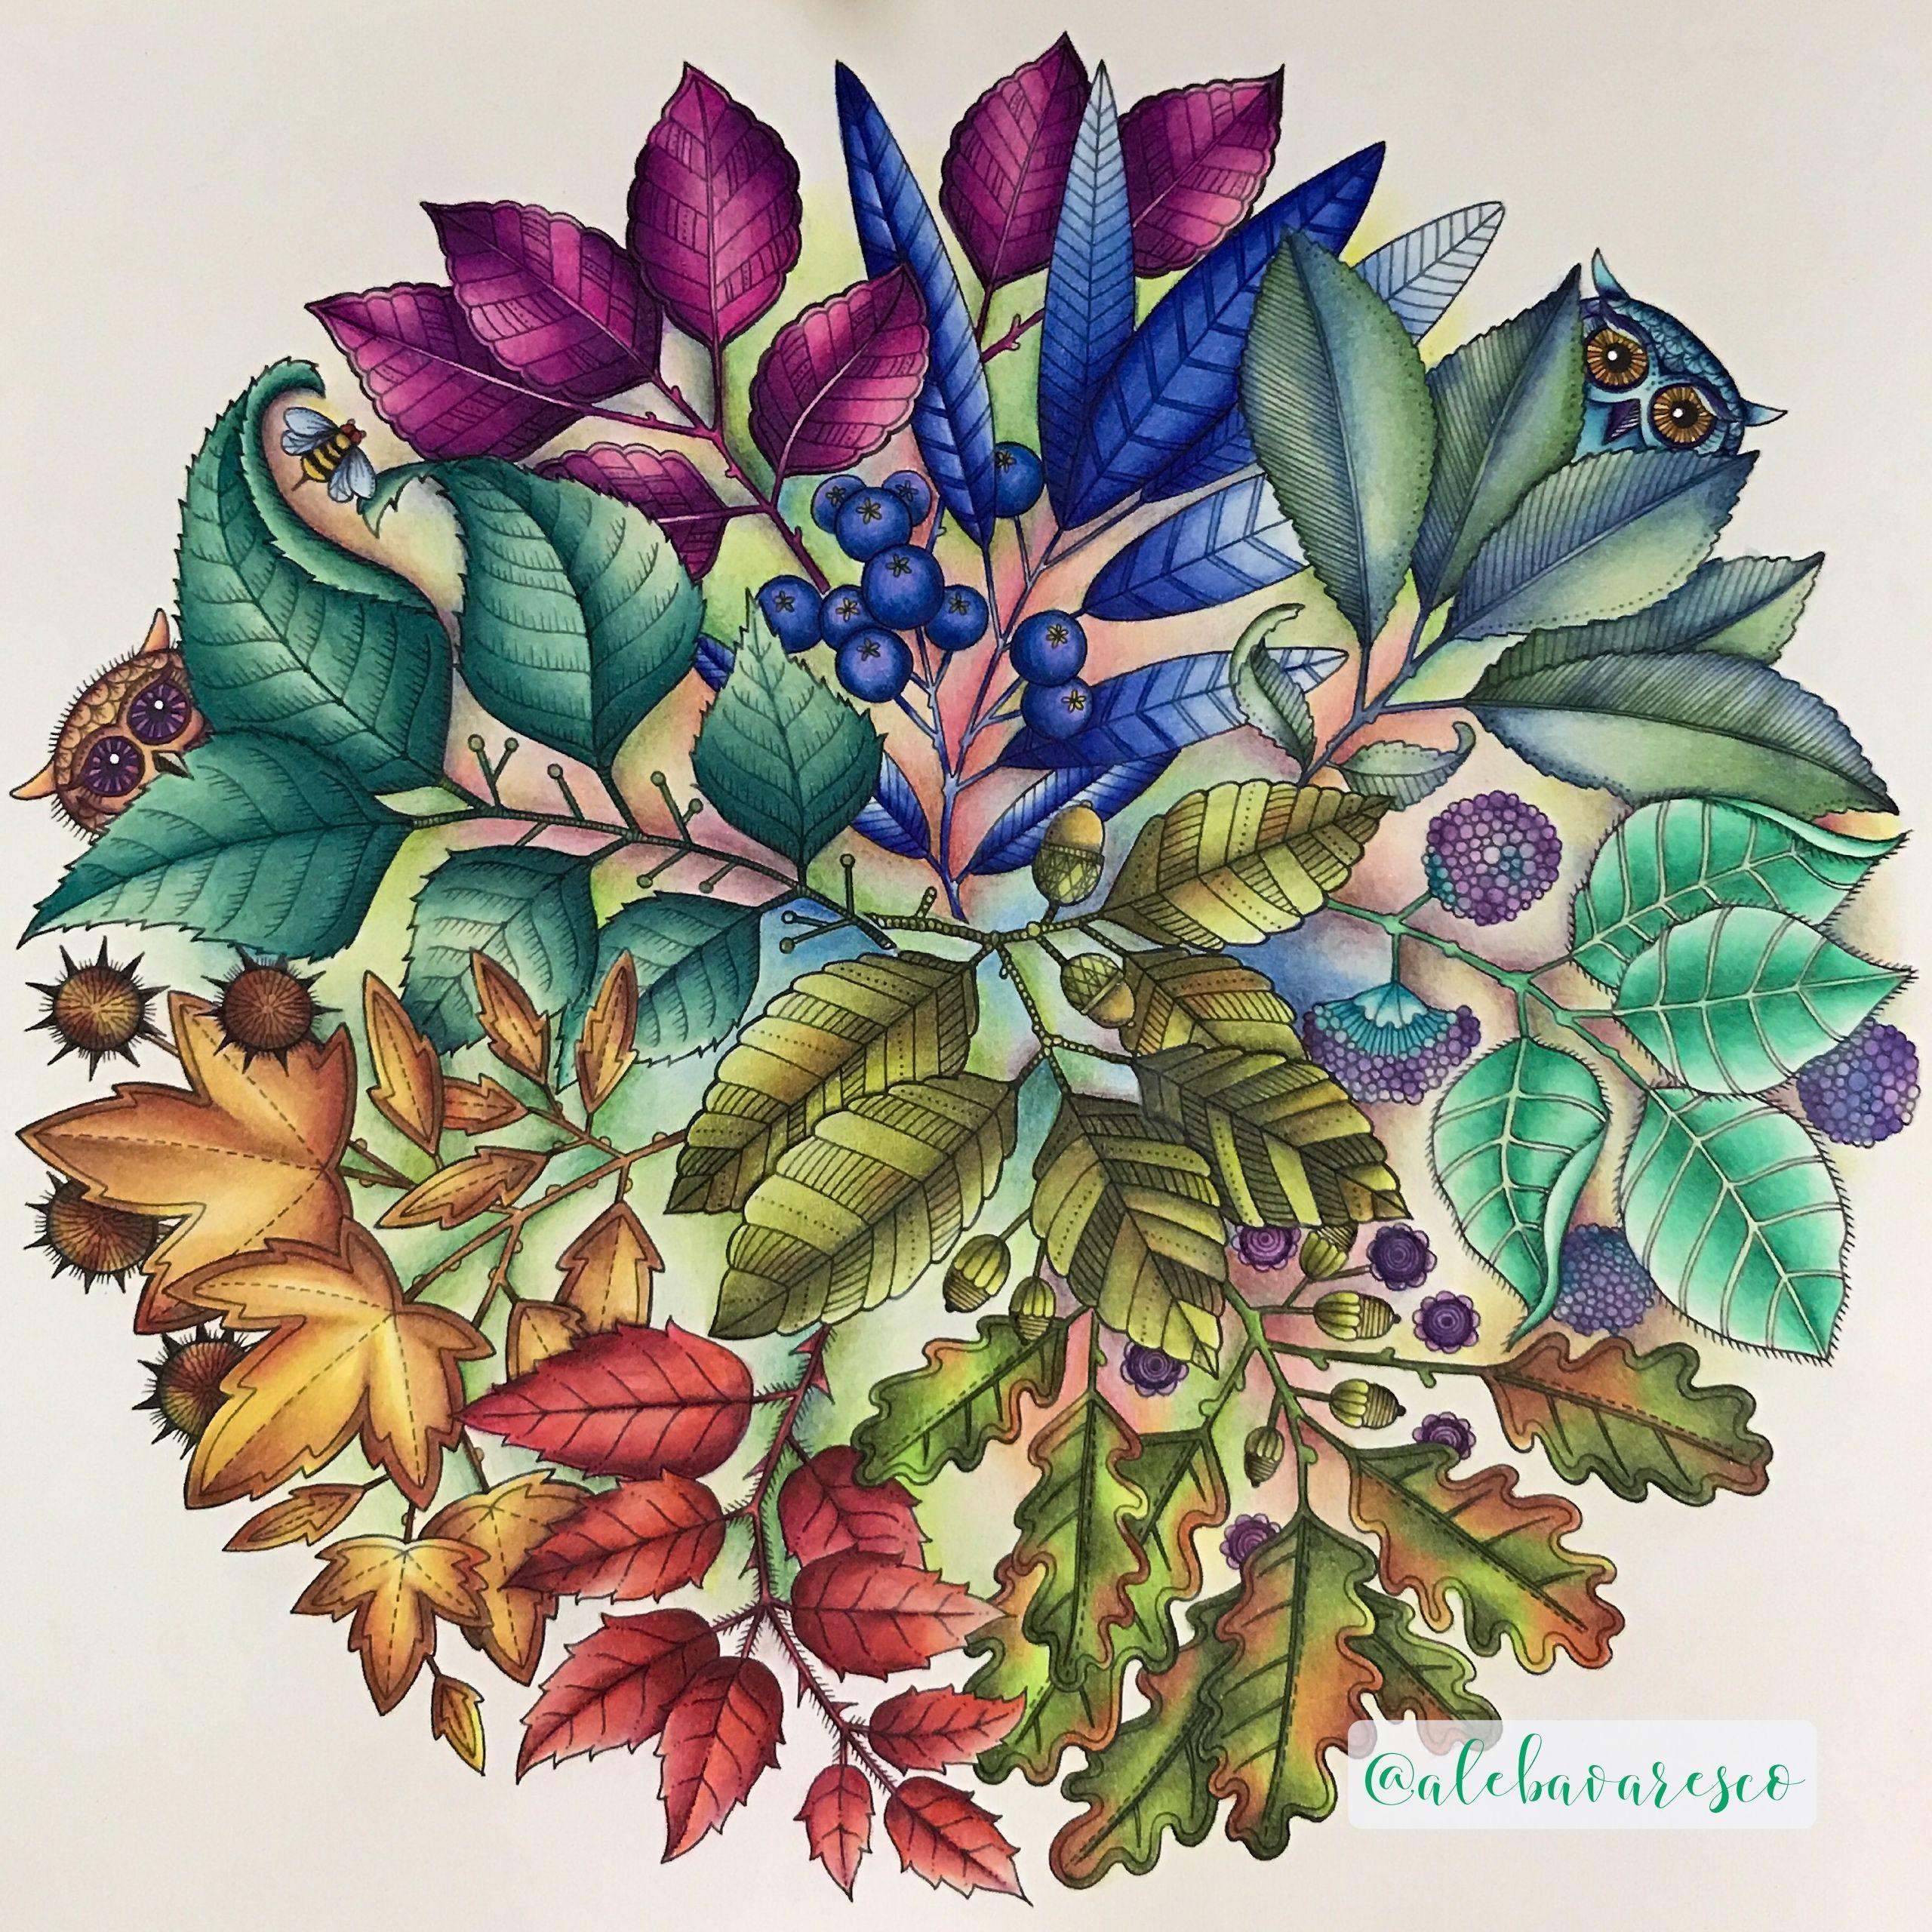 Secret Garden Johanna Basford 5 Ideas For The Visual Prot Secret Garden Coloring Book Secret Garden Coloring Book Finished Johanna Basford Secret Garden